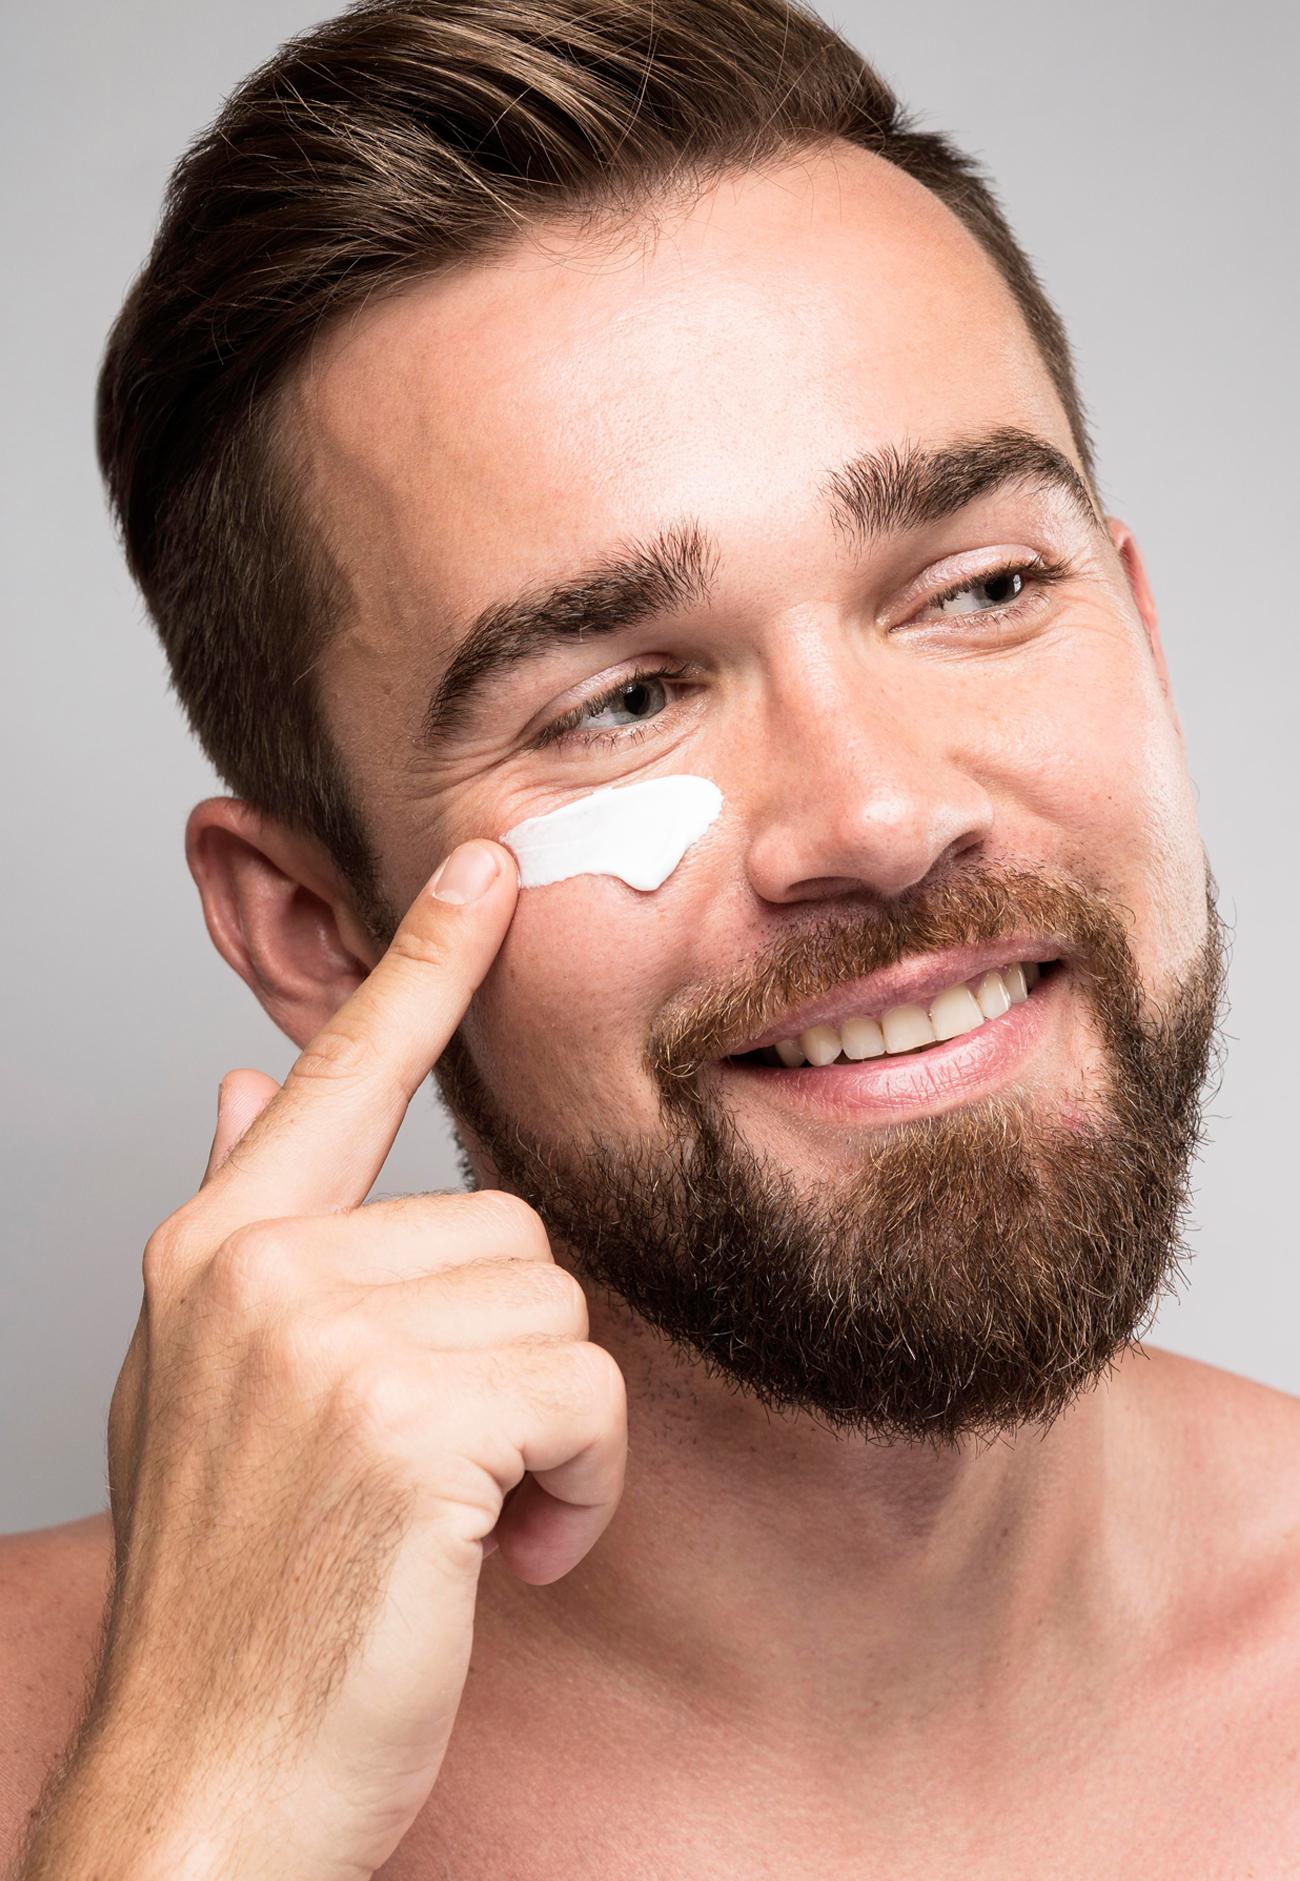 man-using-face-cream